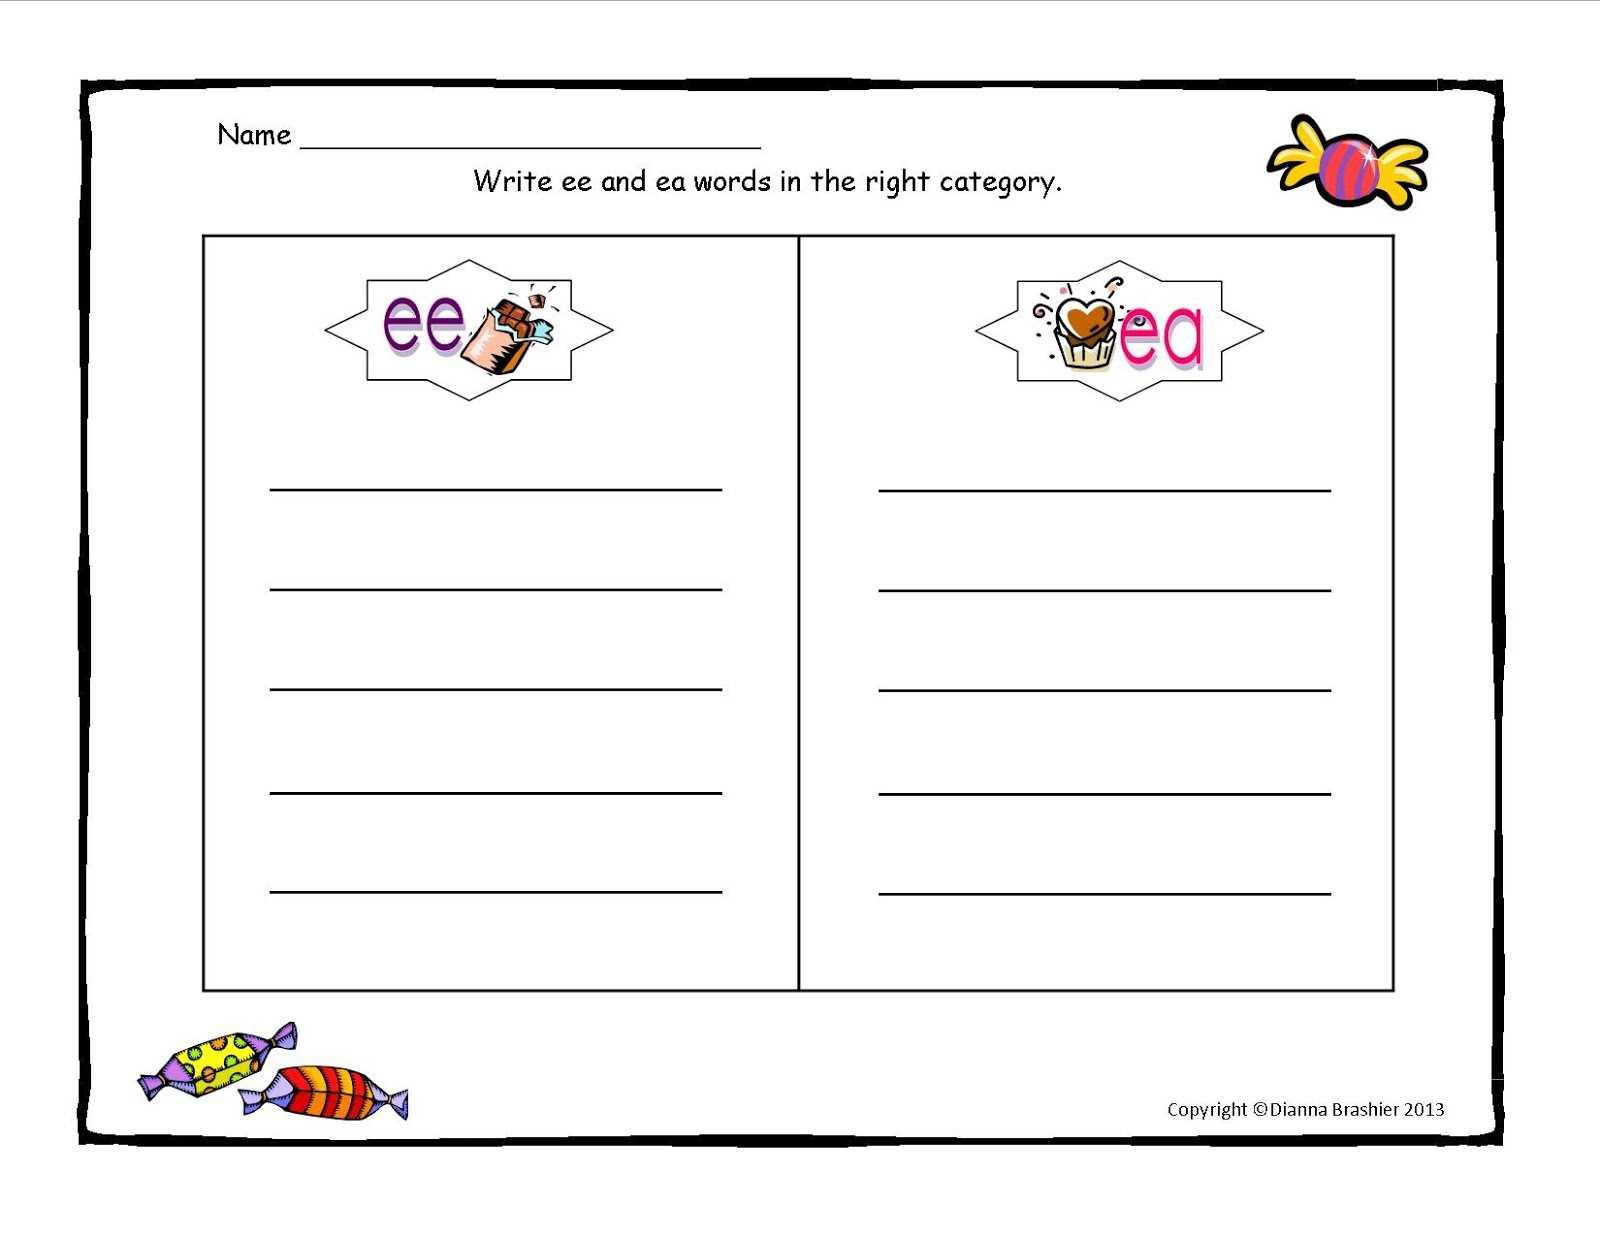 Blank Word Sort Template. Teaching Spelling Word Work On Regarding Words Their Way Blank Sort Template